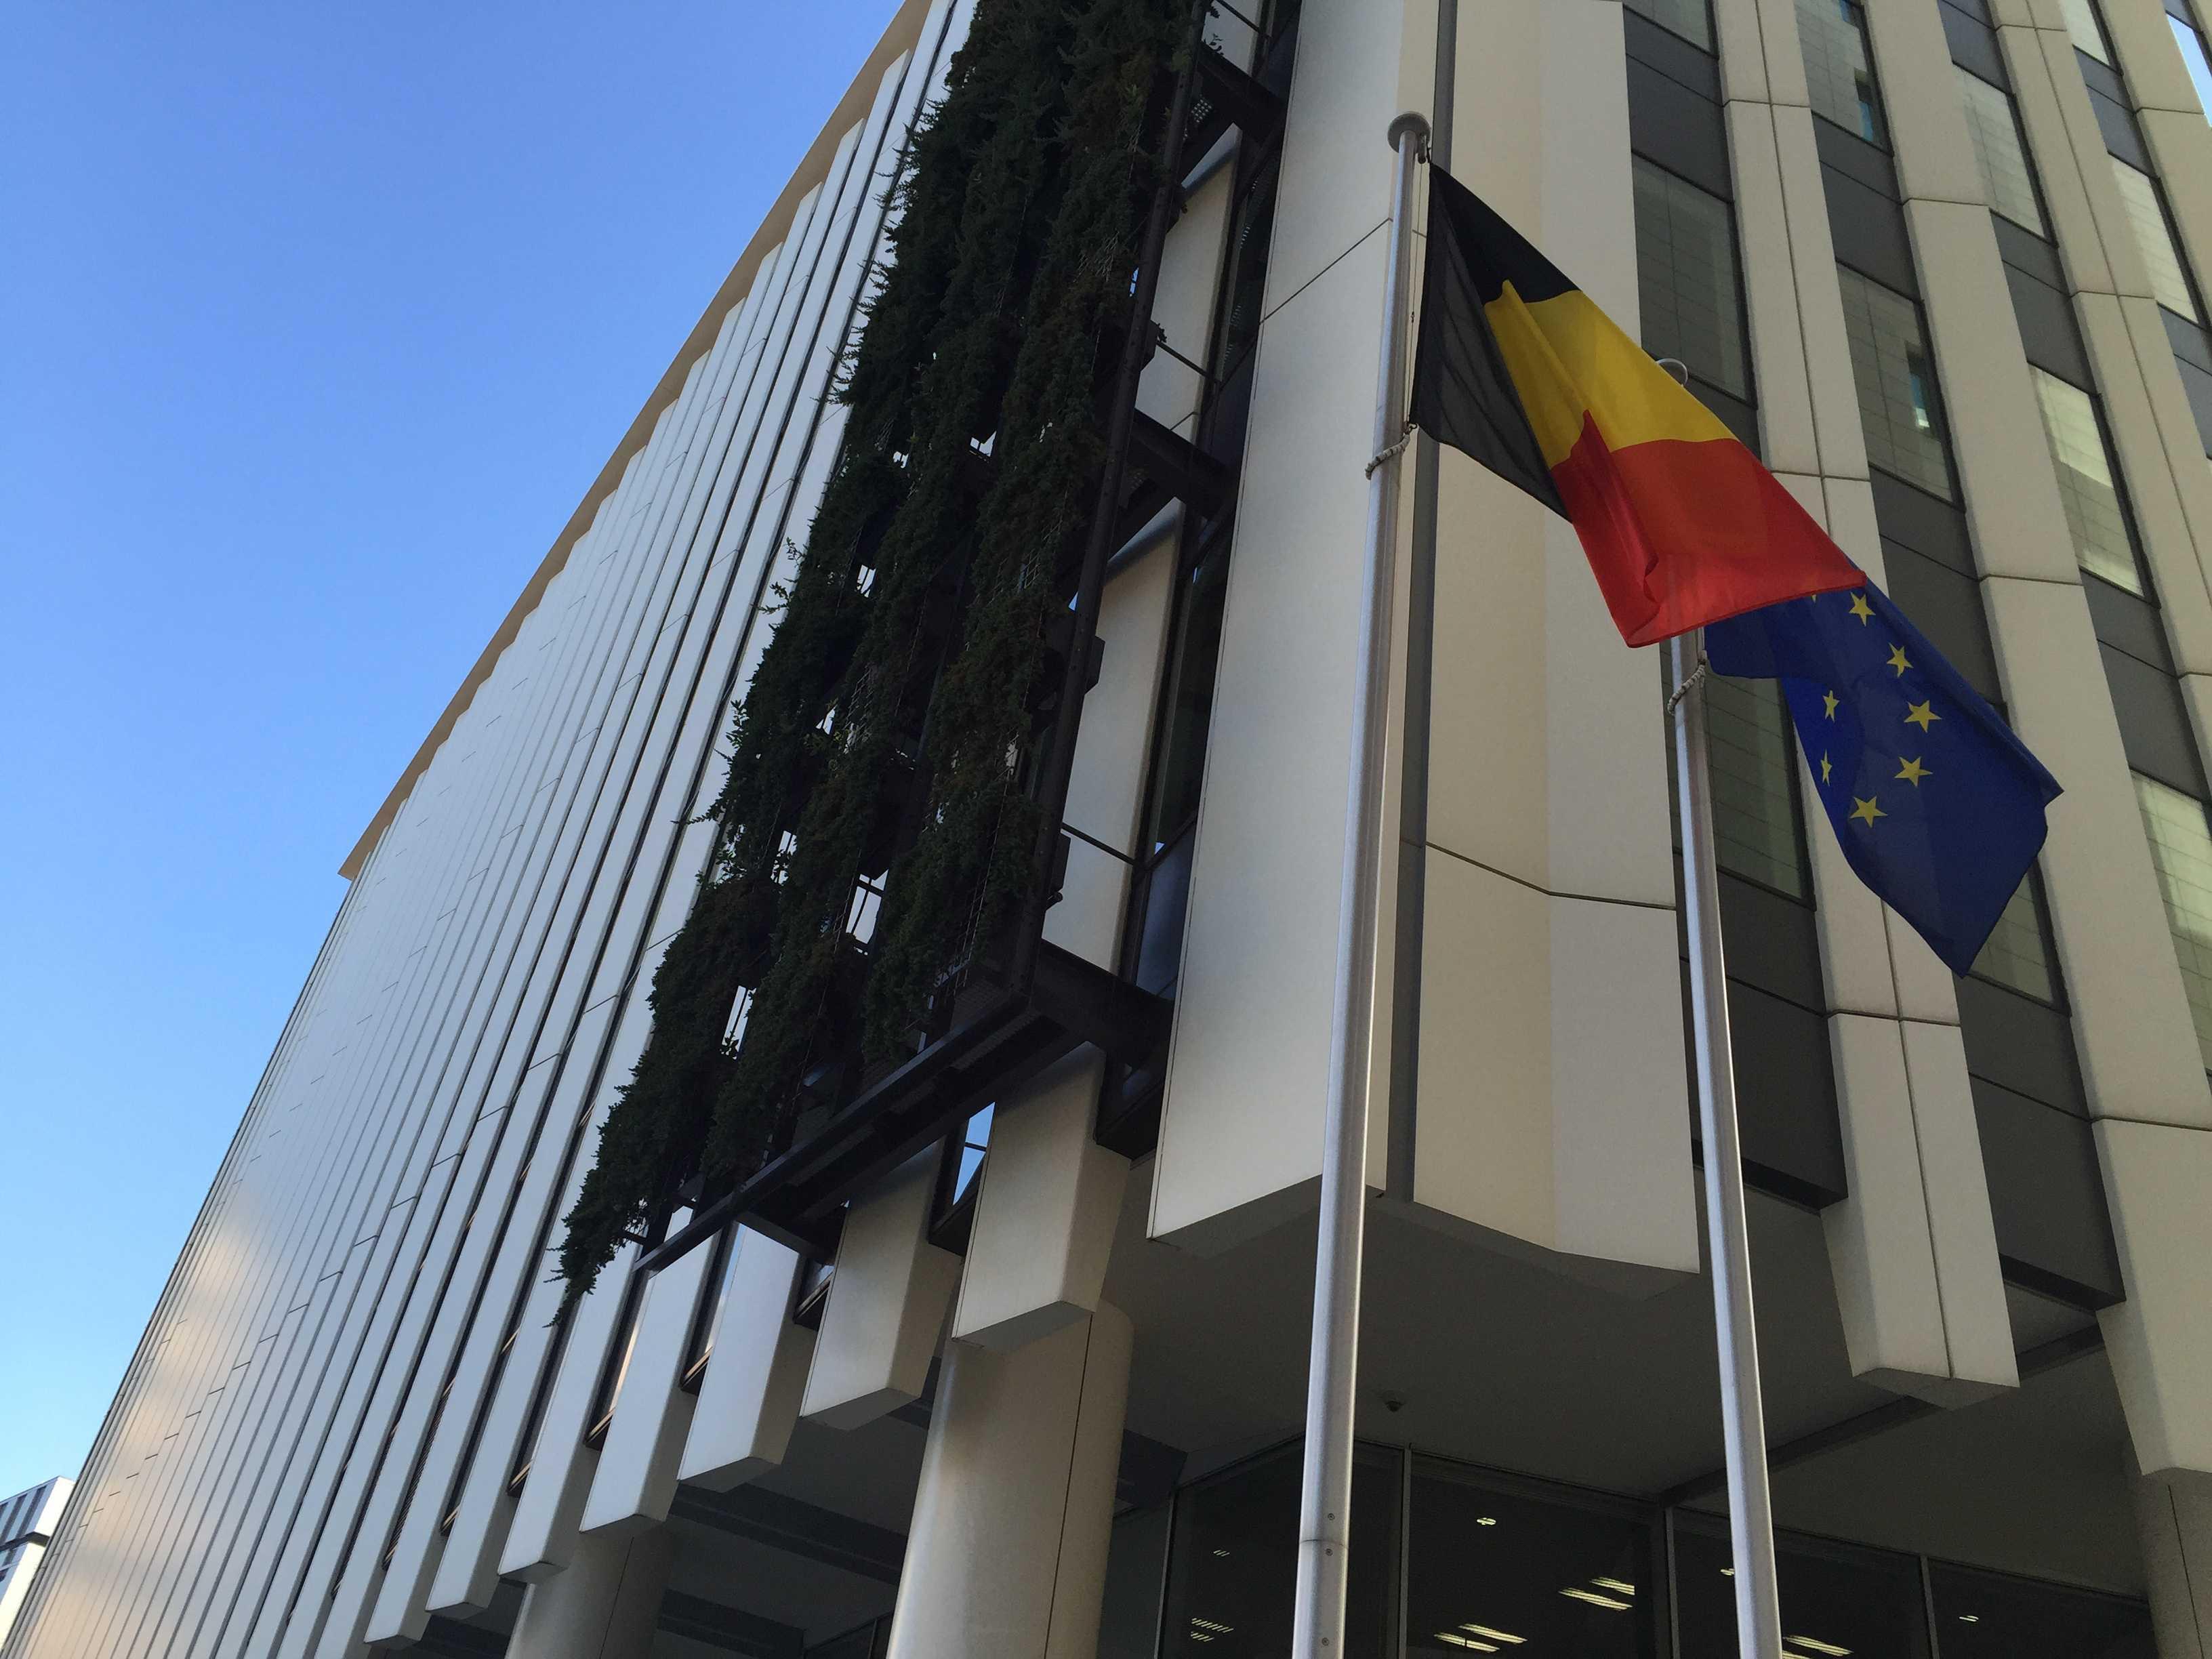 ベルギー大使館の玄関のベルギー国旗と EU旗(欧州旗)